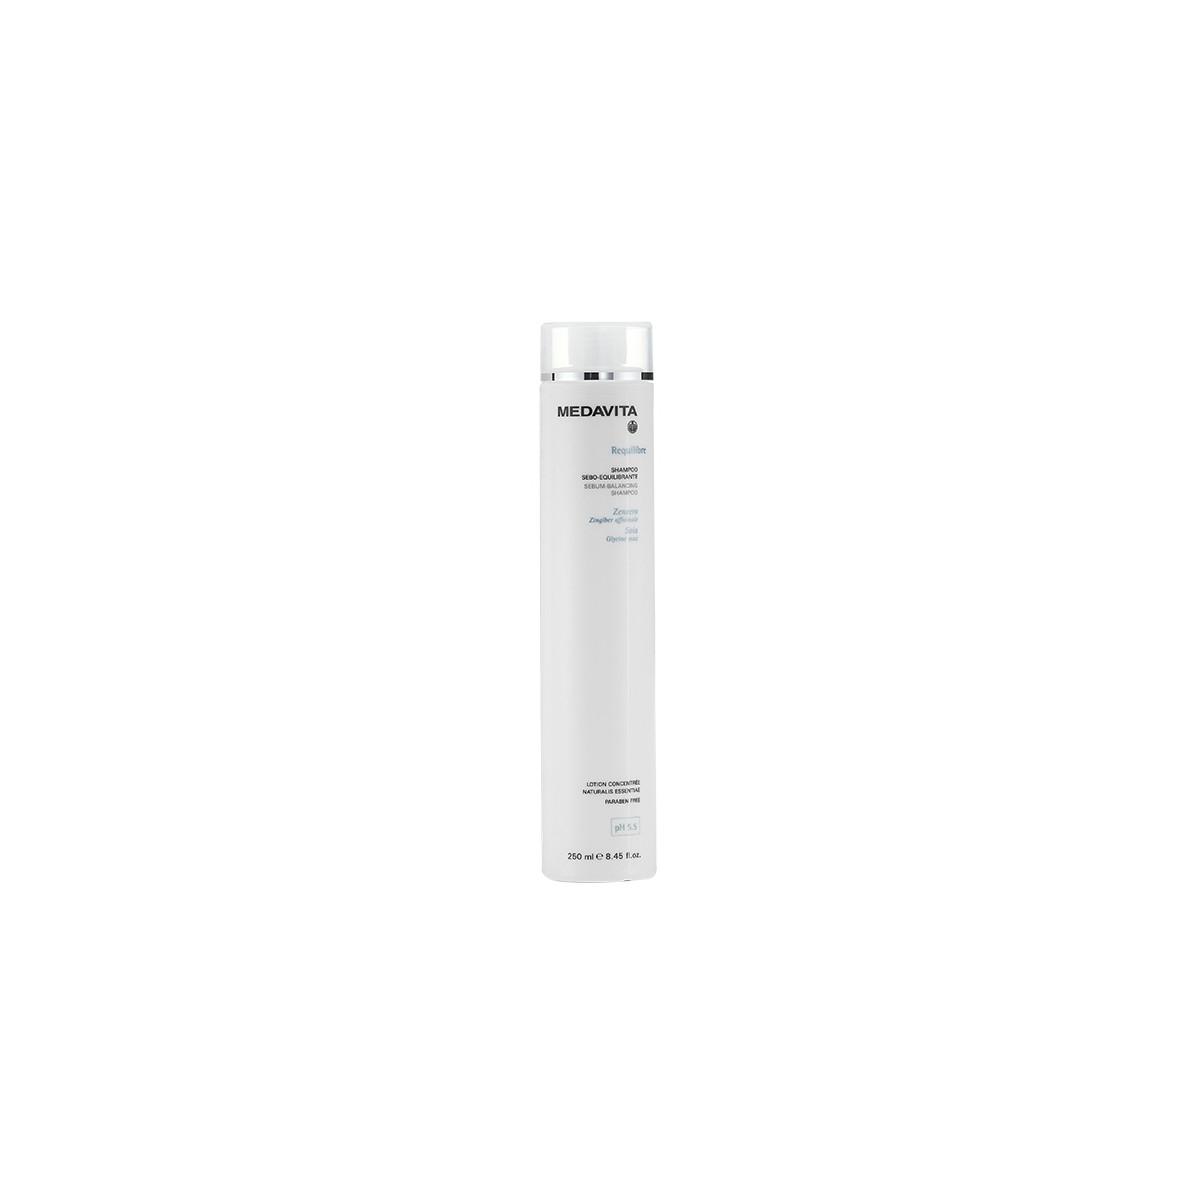 MEDAVITA Requilibre Shampoo Sebo-Equilibrante 250ml - Szampon do włosów przetłuszczających się